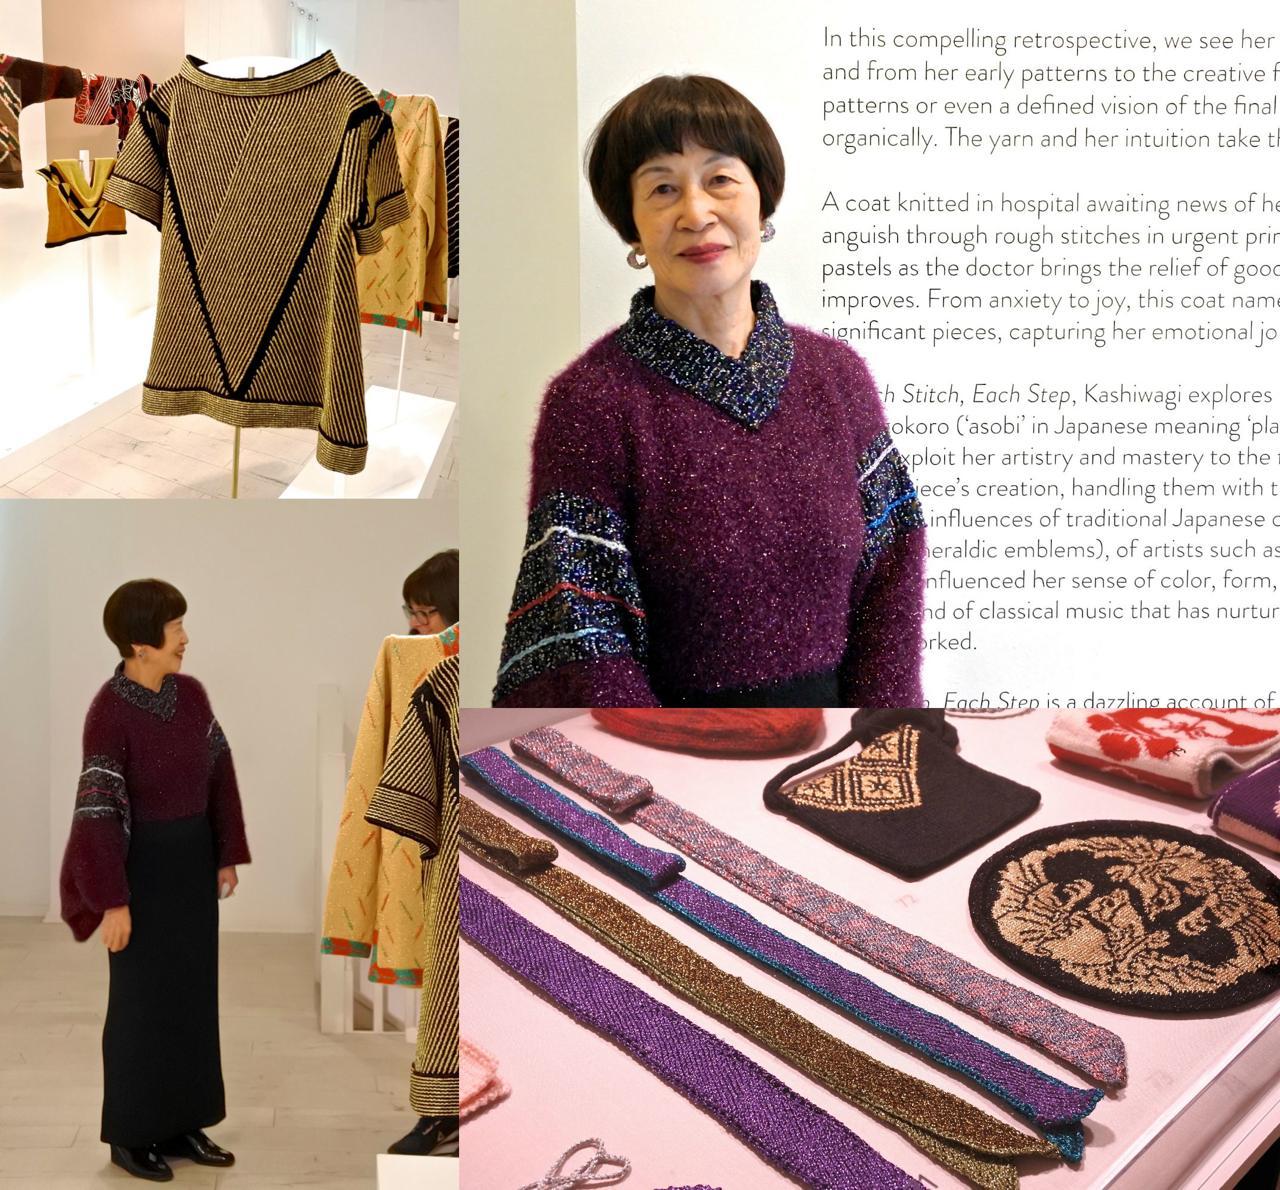 ニットアーティストの柏木圭子さん(右上)。左上の作品はニューヨーク展に際して制作した作品「クレオパトラ」。三角形をモチーフとした作品。